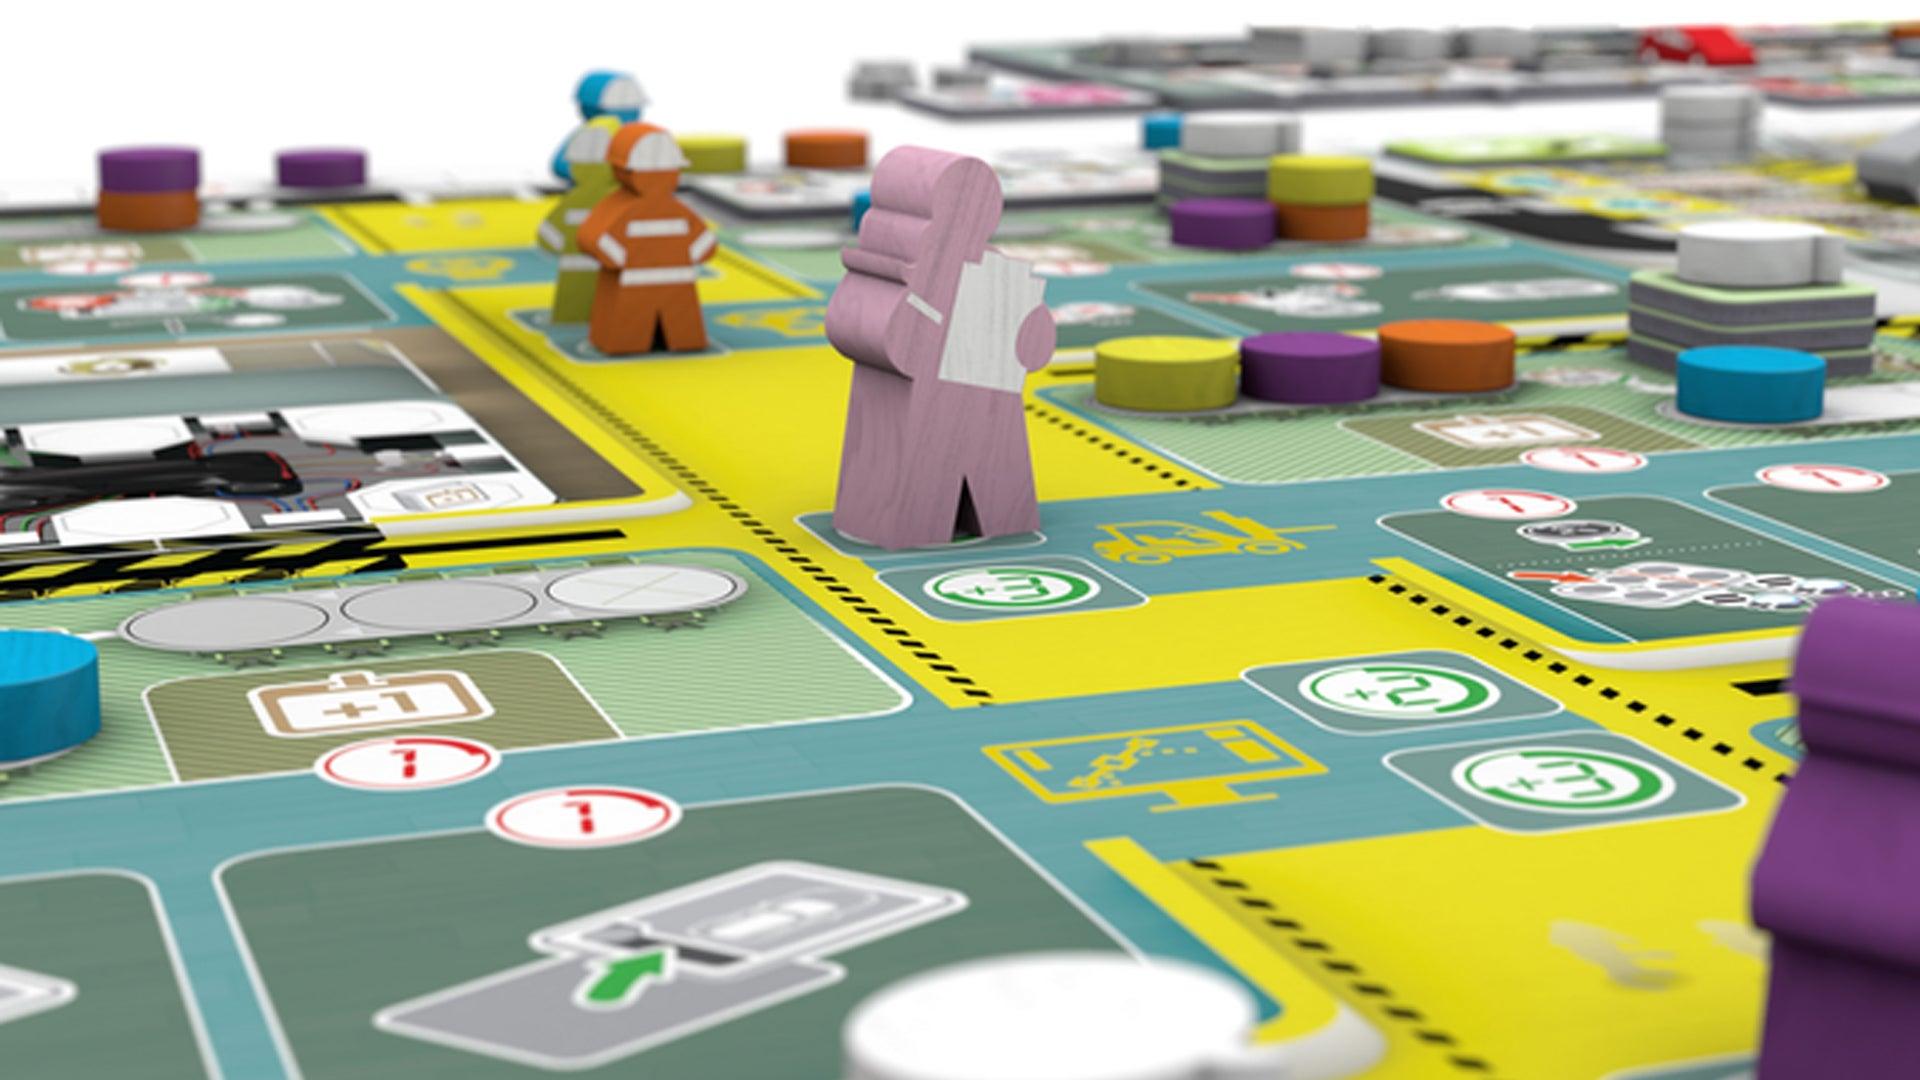 Kanban EV board game layout